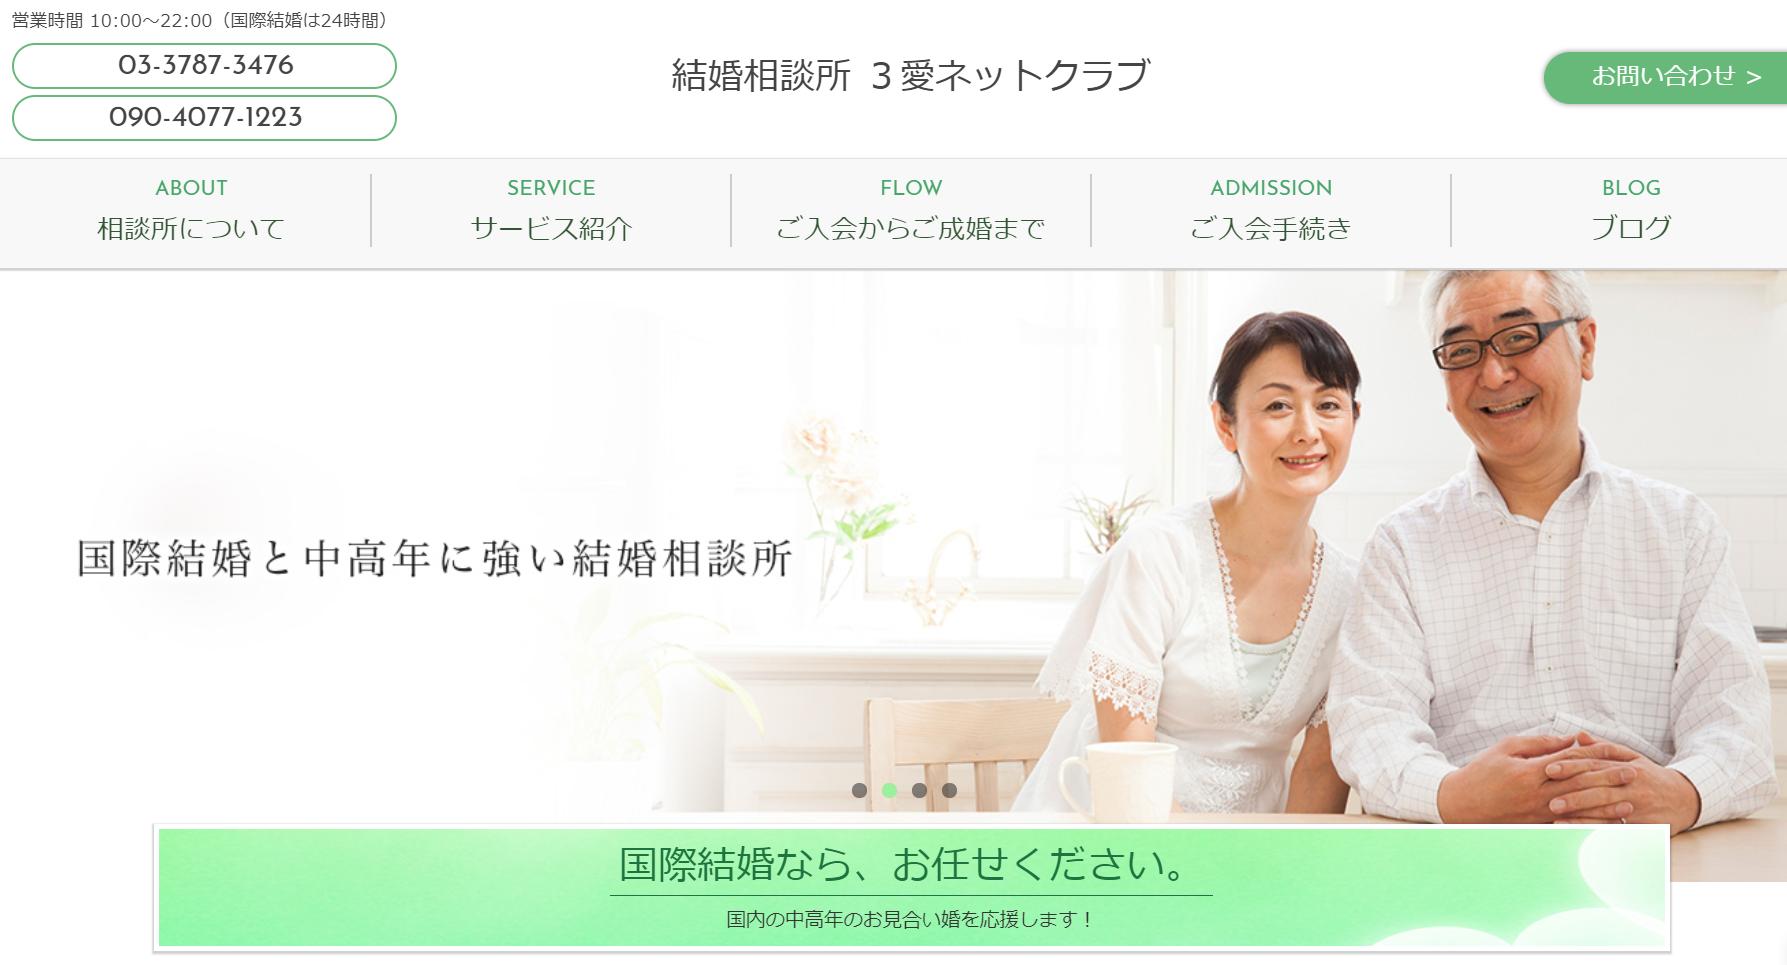 五反田 結婚相談所 3愛ネットクラブ